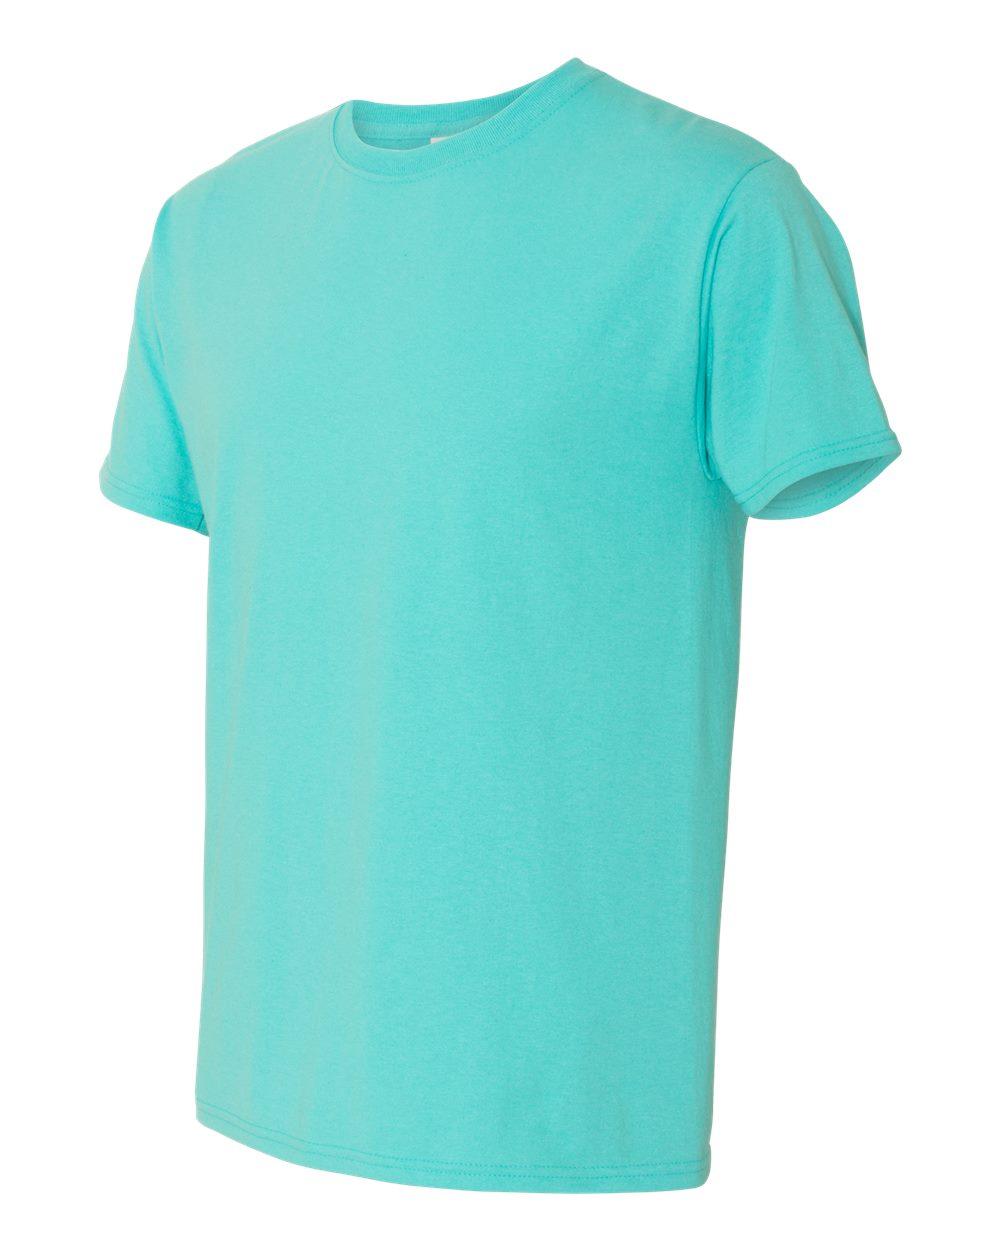 Jerzees-Men-039-s-5-6-oz-50-50-Heavyweight-Blend-T-Shirt-29M-S-4XL thumbnail 54